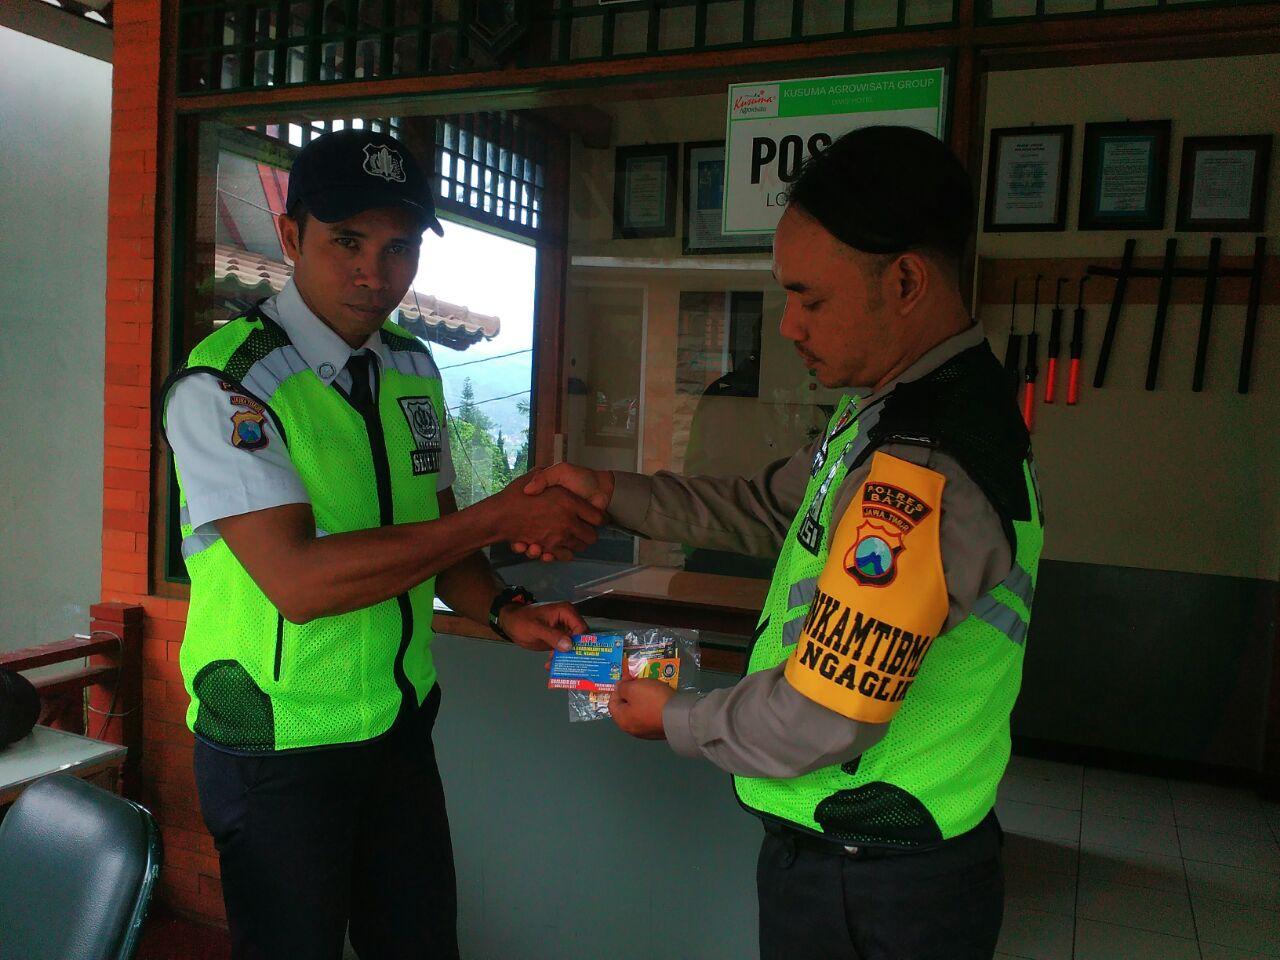 Anggota Binmas Polsek Batu Bhabinkamtibmas mengajak partisipasi dari anggota satpam sebagai pengemban fungsi Kepolisian terbatas bisa menjadi mitra kamtibmas